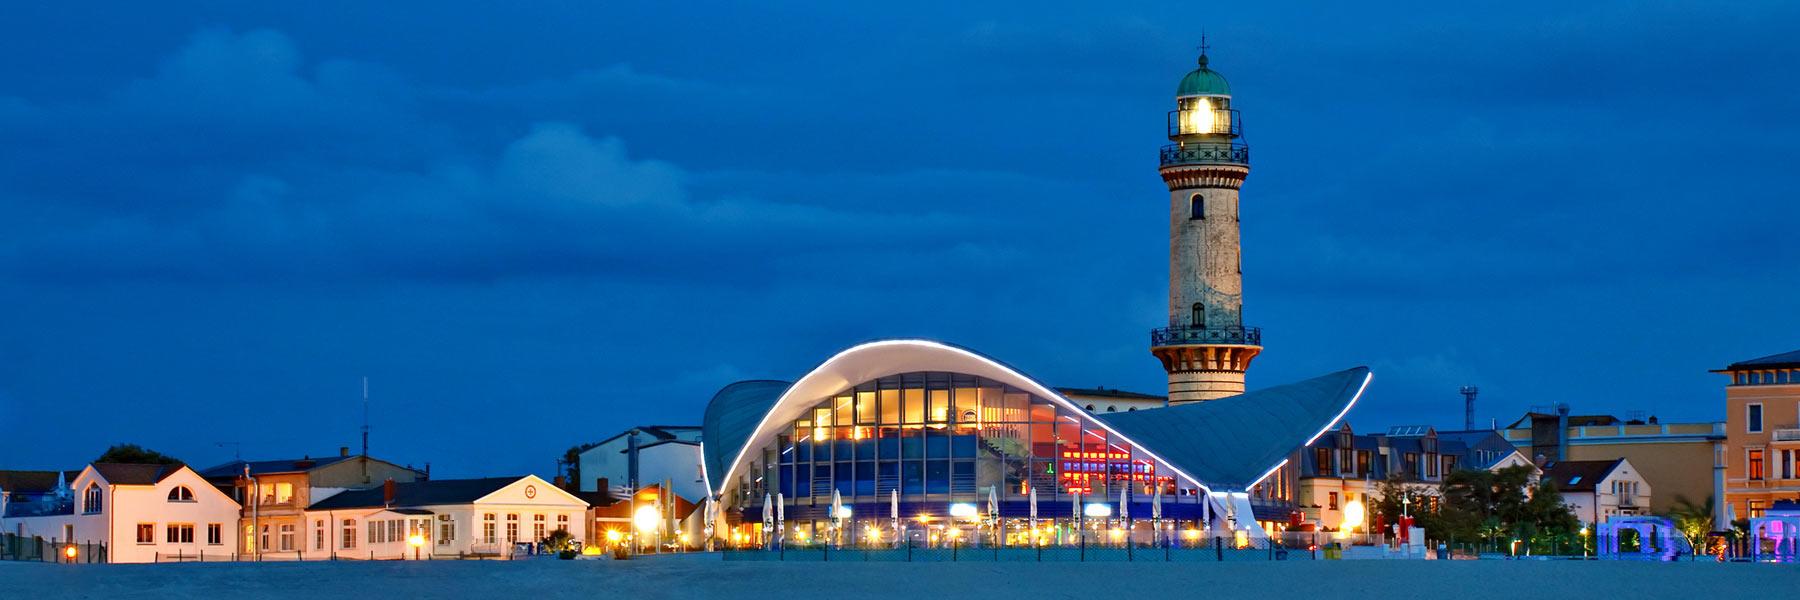 Leuchtturm & Teepott - Ostseebad Warnemünde